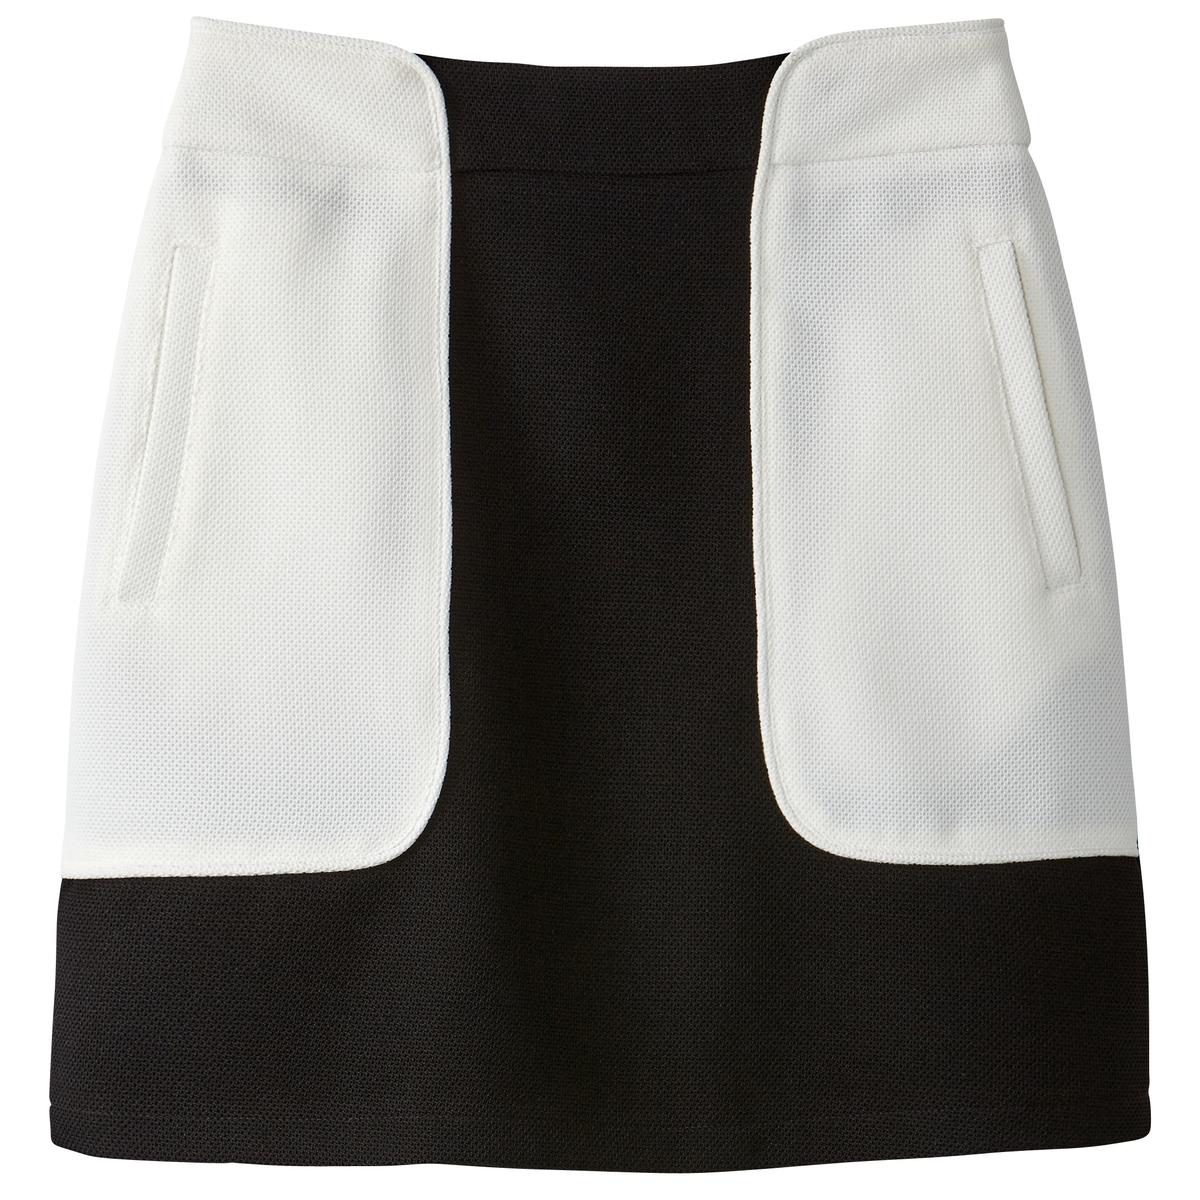 Falda corta bicolor, estilo deportivo